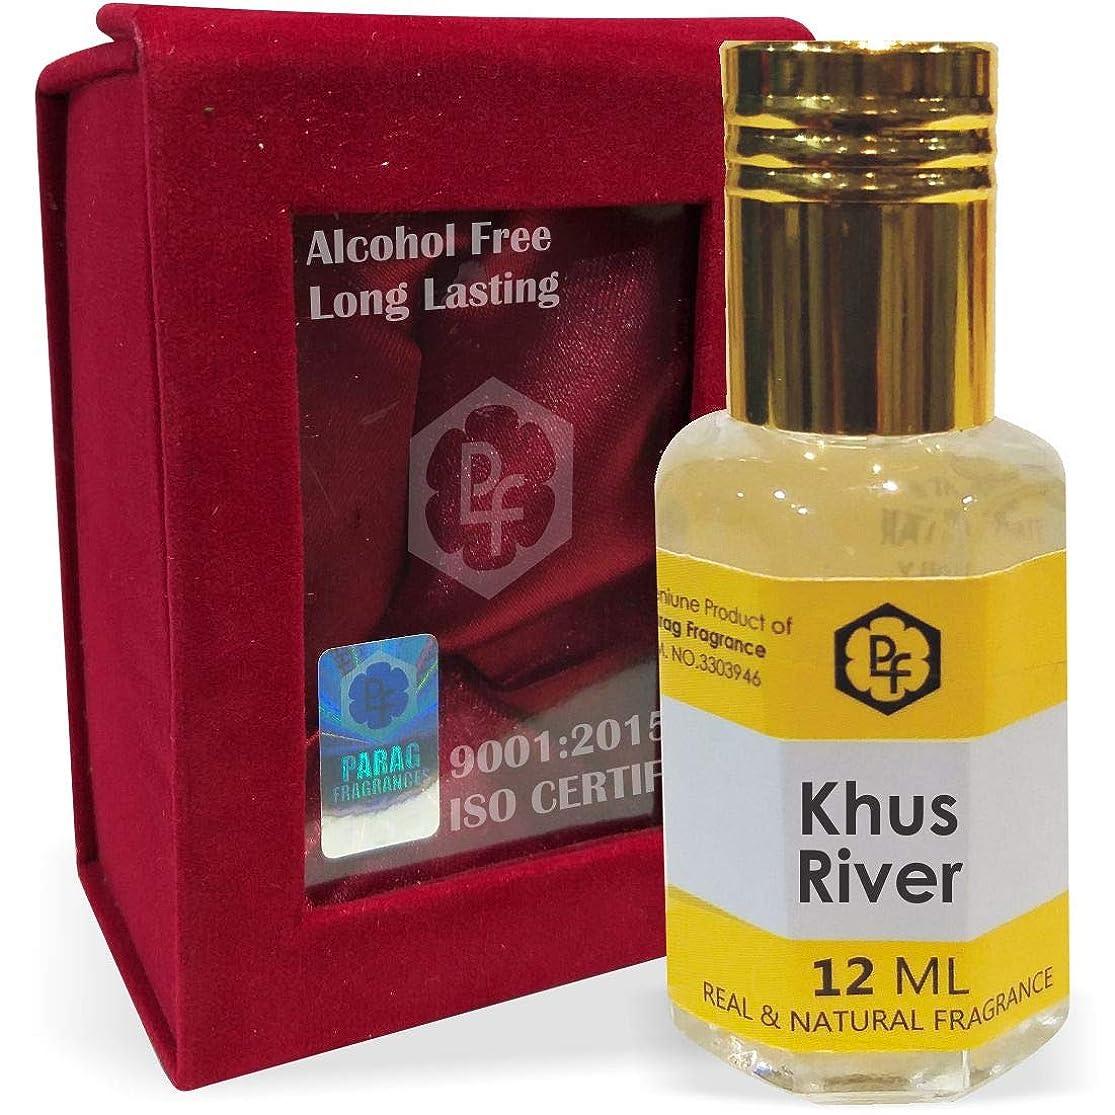 黒人スクワイアピグマリオンParagフレグランスKhus川手作りベルベットボックス12ミリリットルアター/香水(インドの伝統的なBhapka処理方法により、インド製)オイル/フレグランスオイル|長持ちアターITRA最高の品質